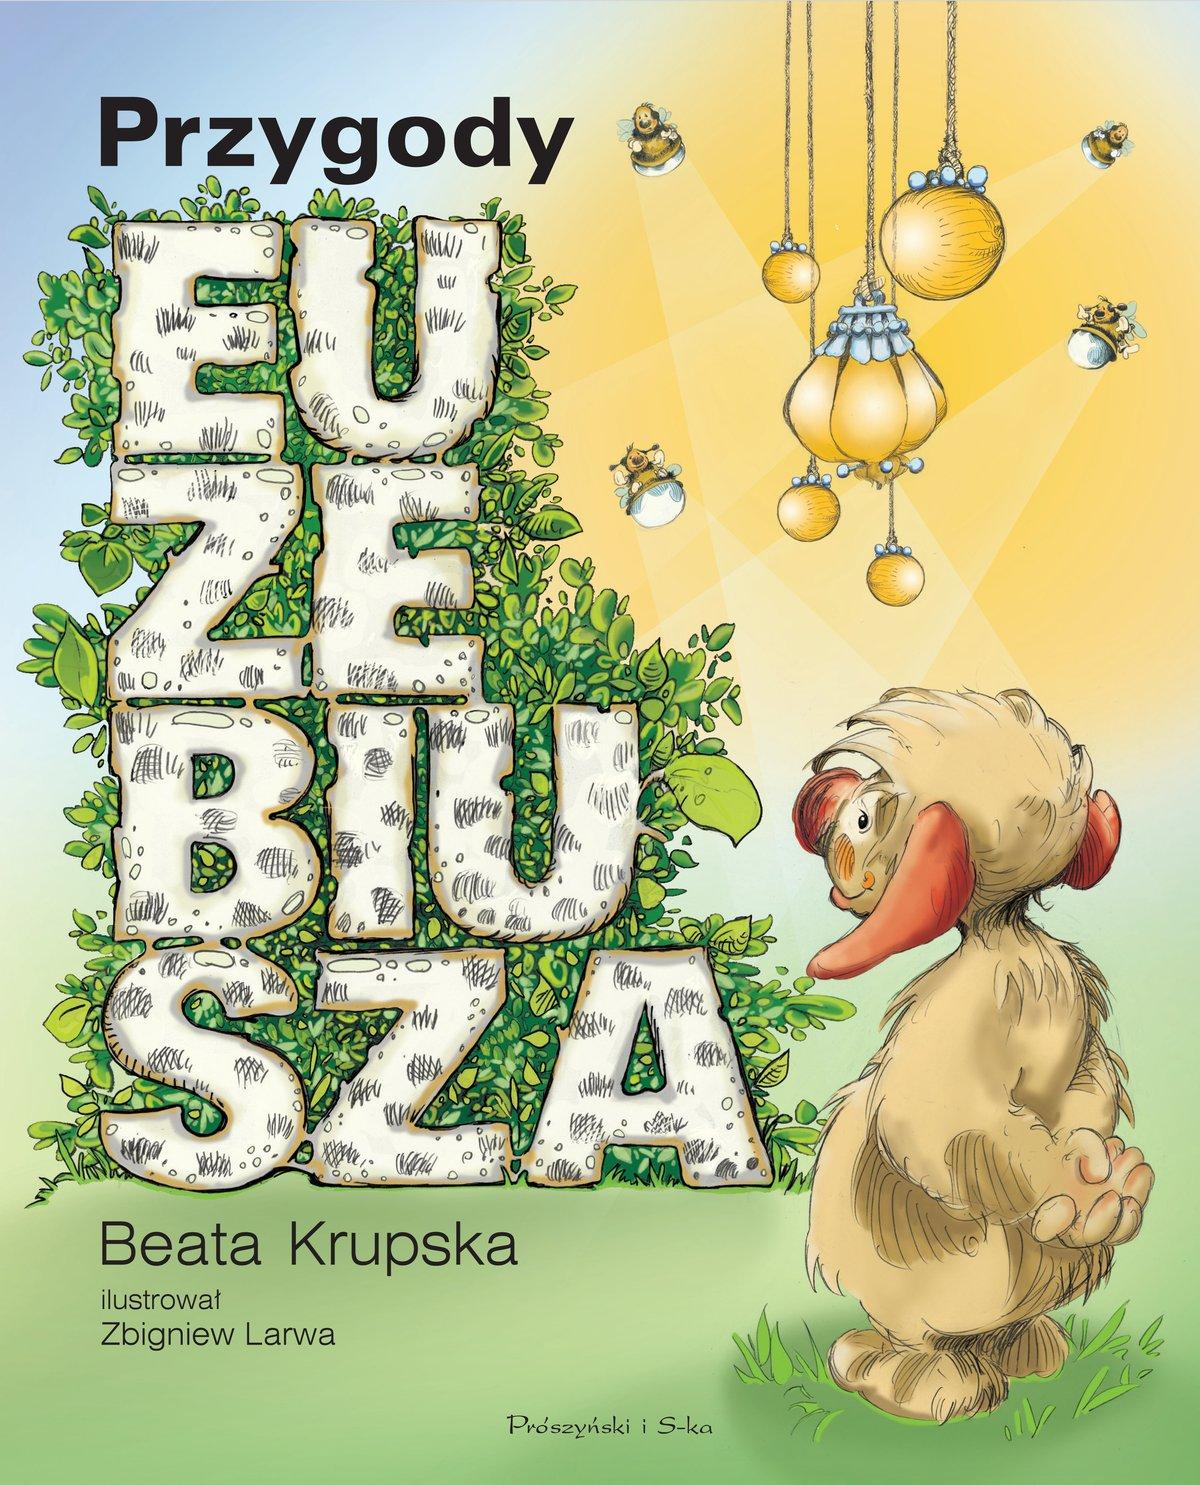 Przygody Euzebiusza - Ebook (Książka EPUB) do pobrania w formacie EPUB